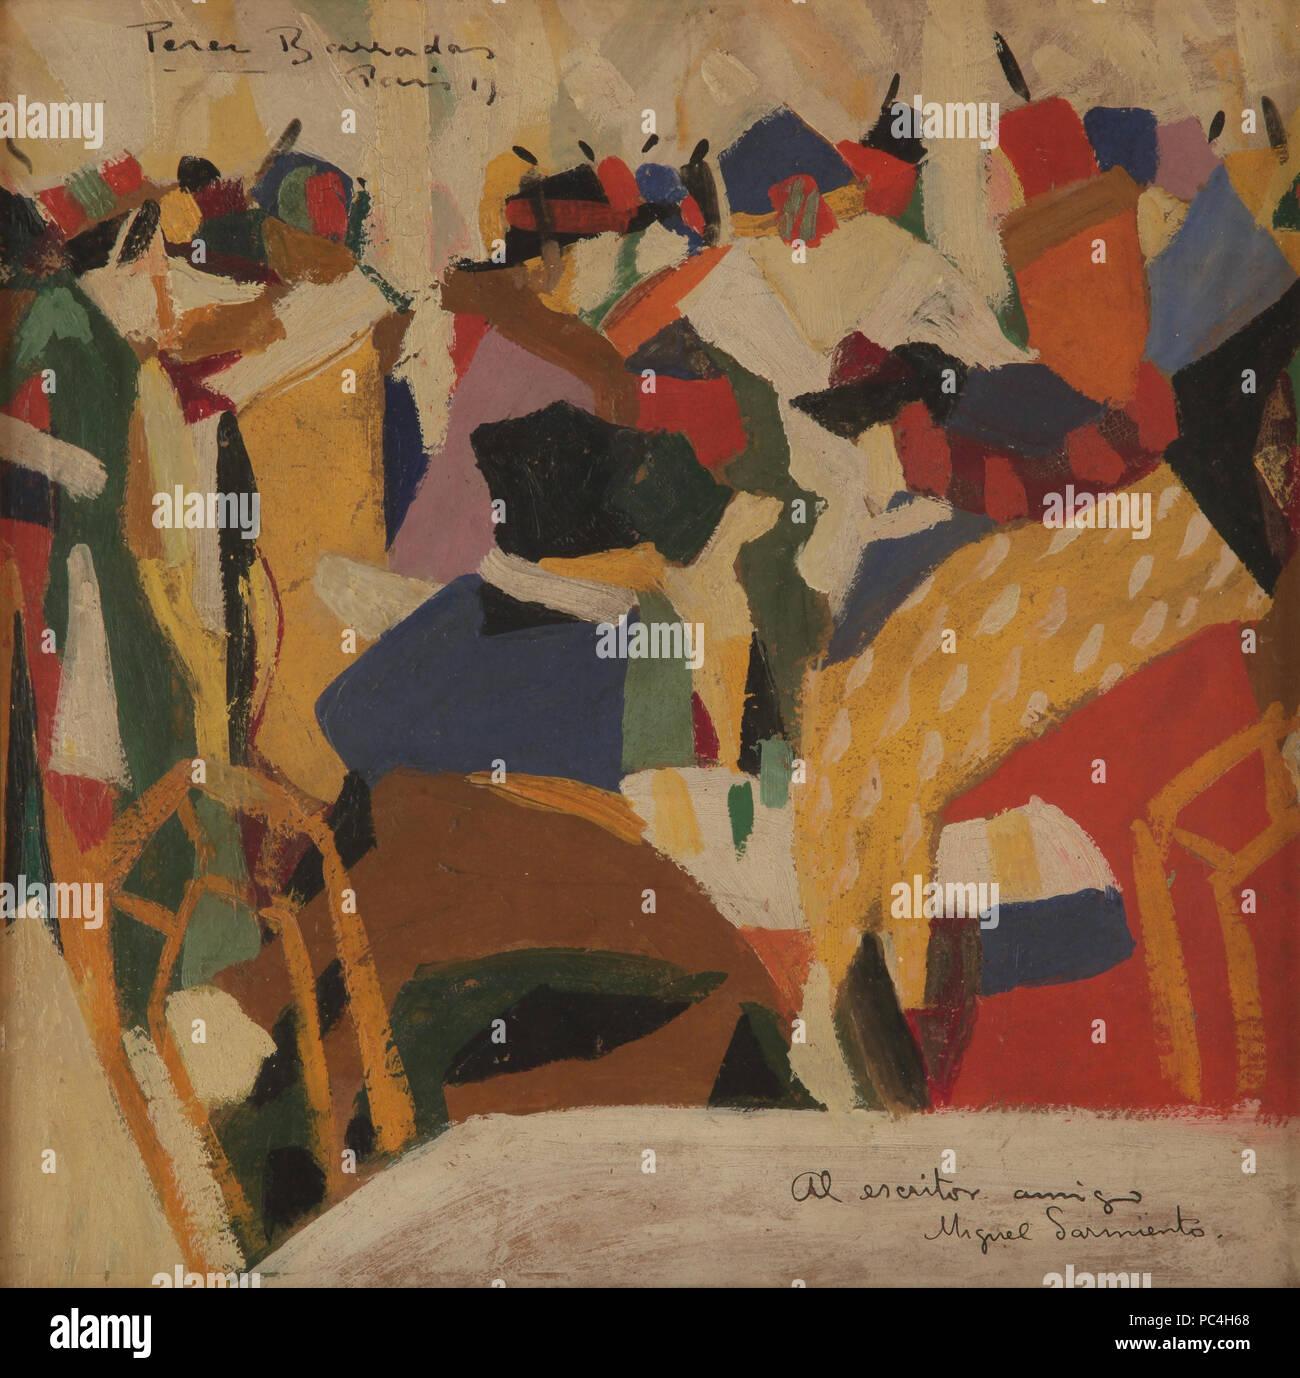 602 The-tango-emocion-de-color-escena-de-cafe-multitud Stock Photo